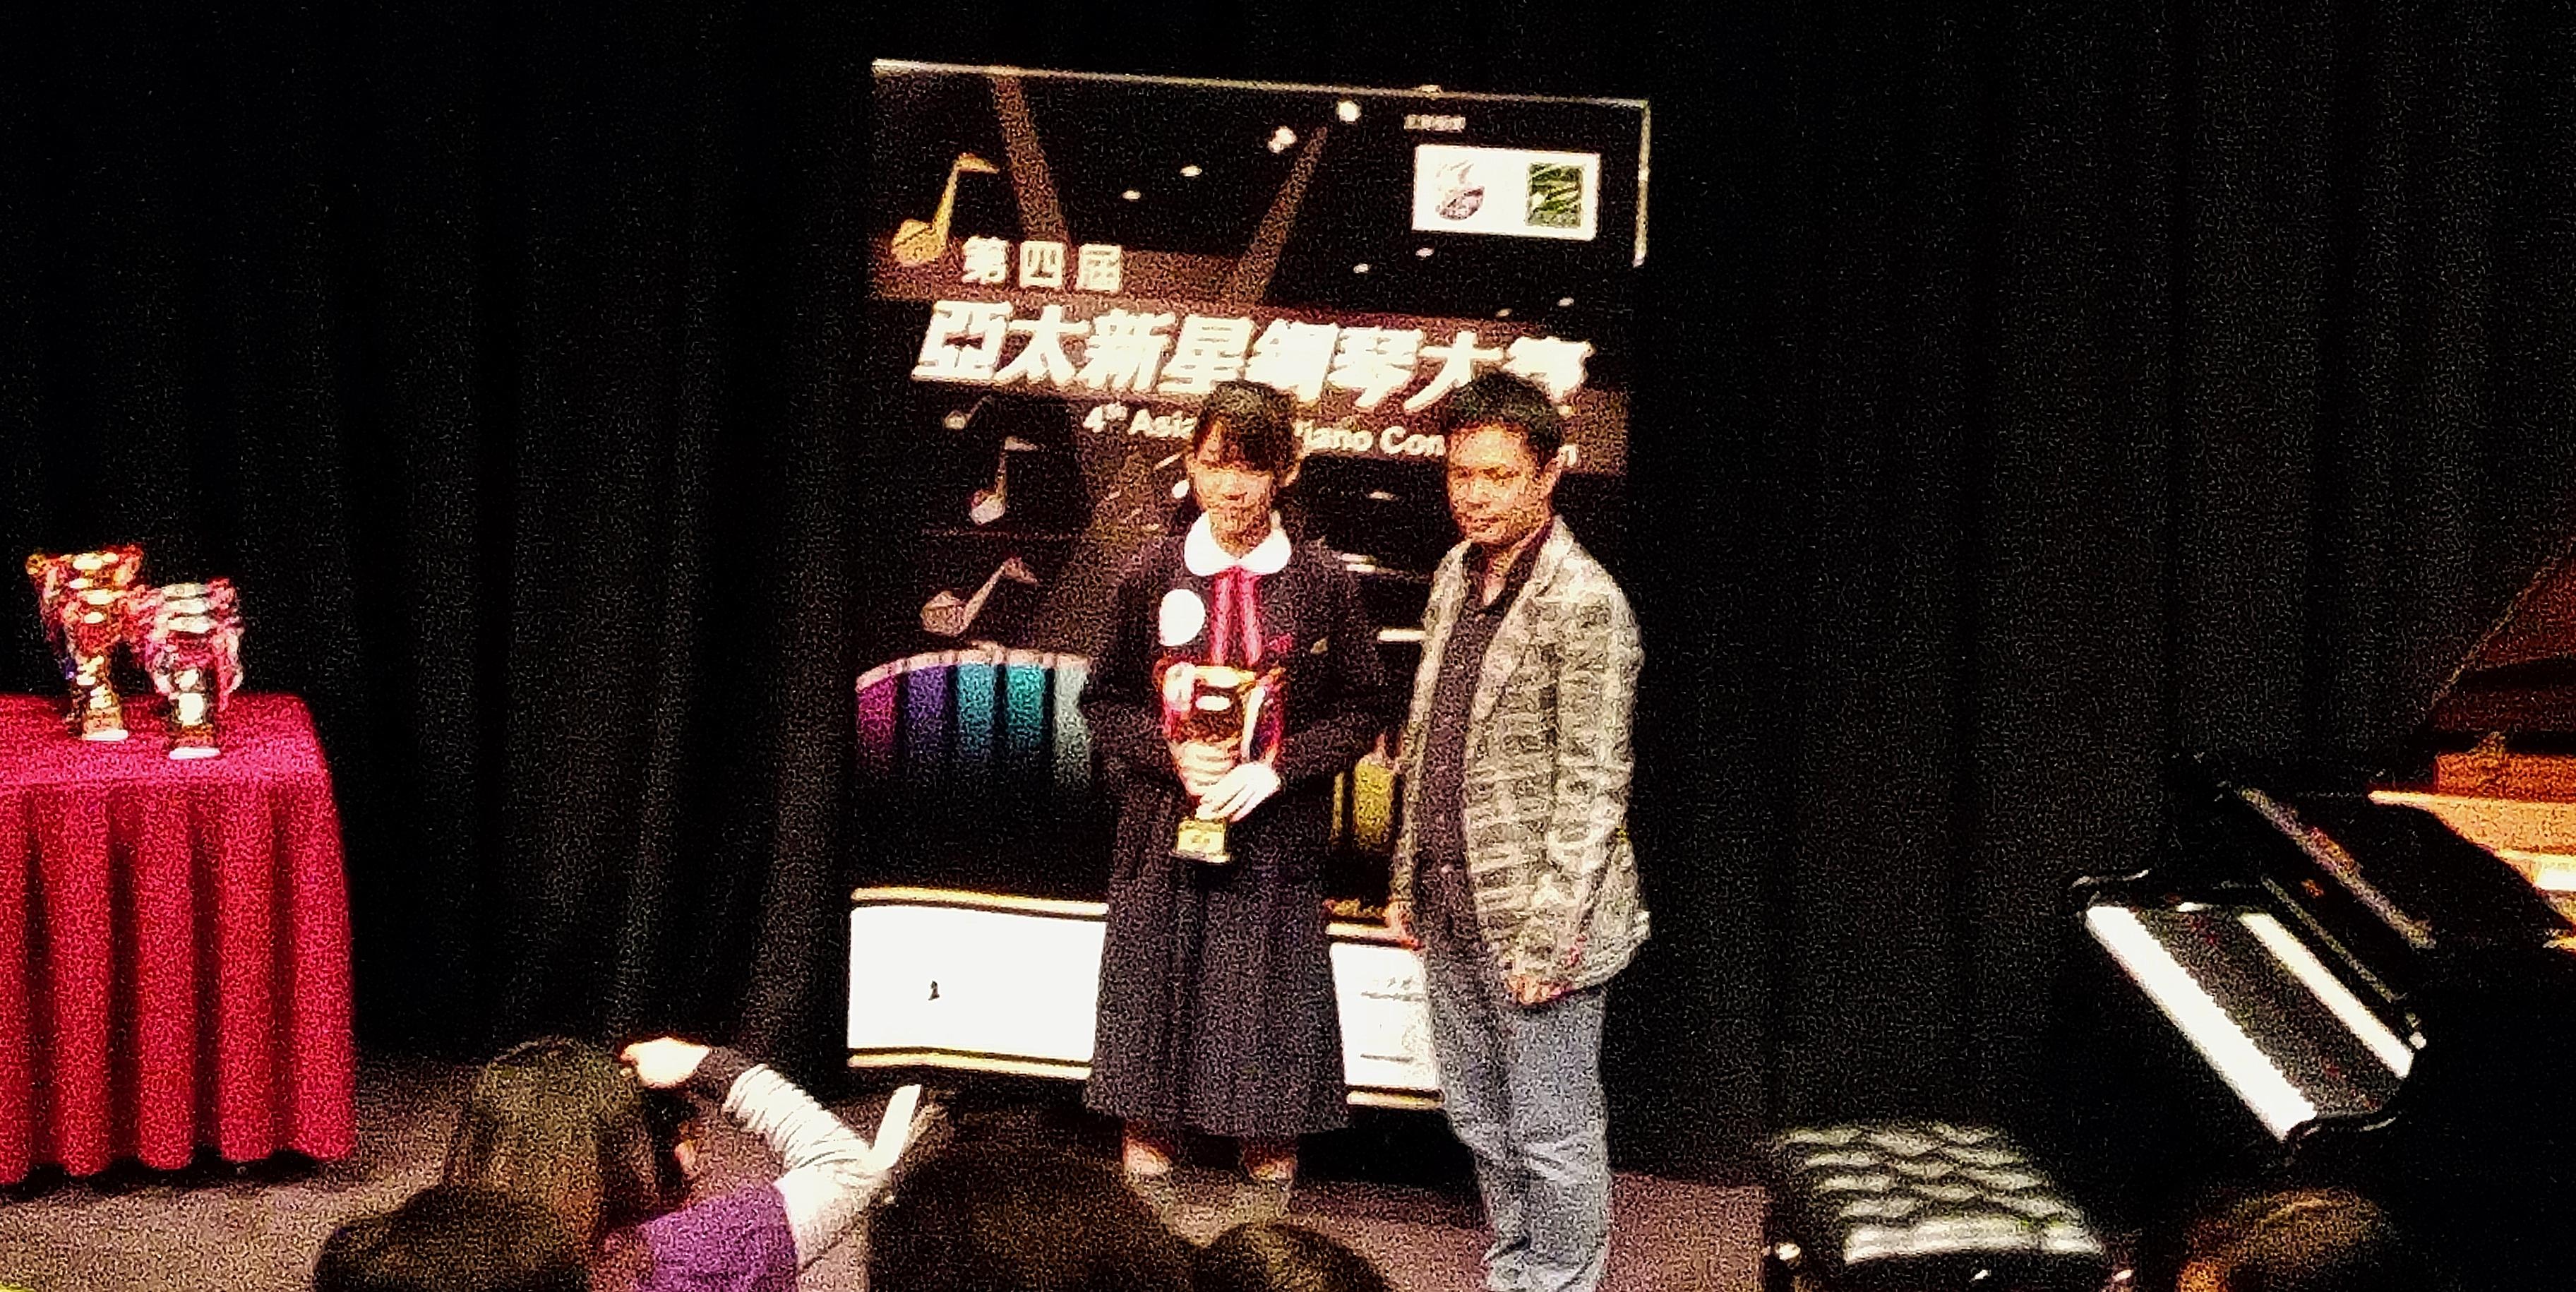 吳同學榮獲7級組鋼琴大賽冠軍。